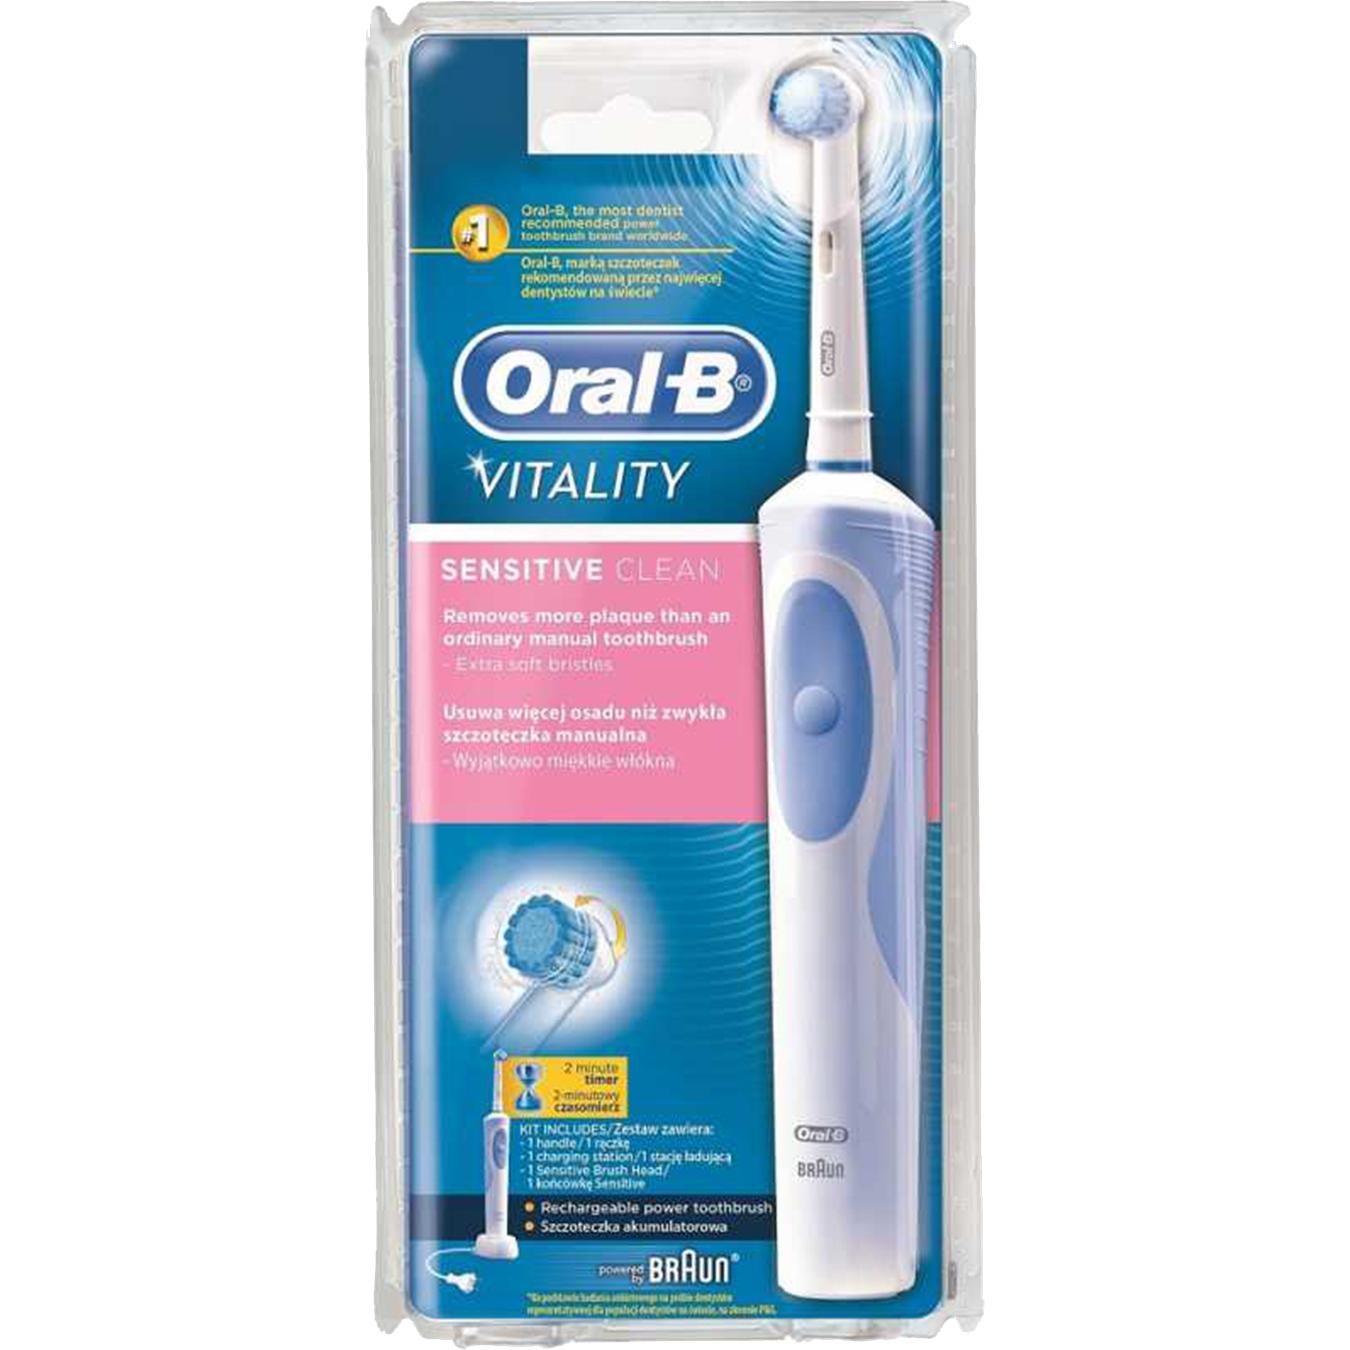 Зубна щітка Орал-бі Вітеліті дуже м яка 1шт → Гігієна → Особиста ... add295d58507a